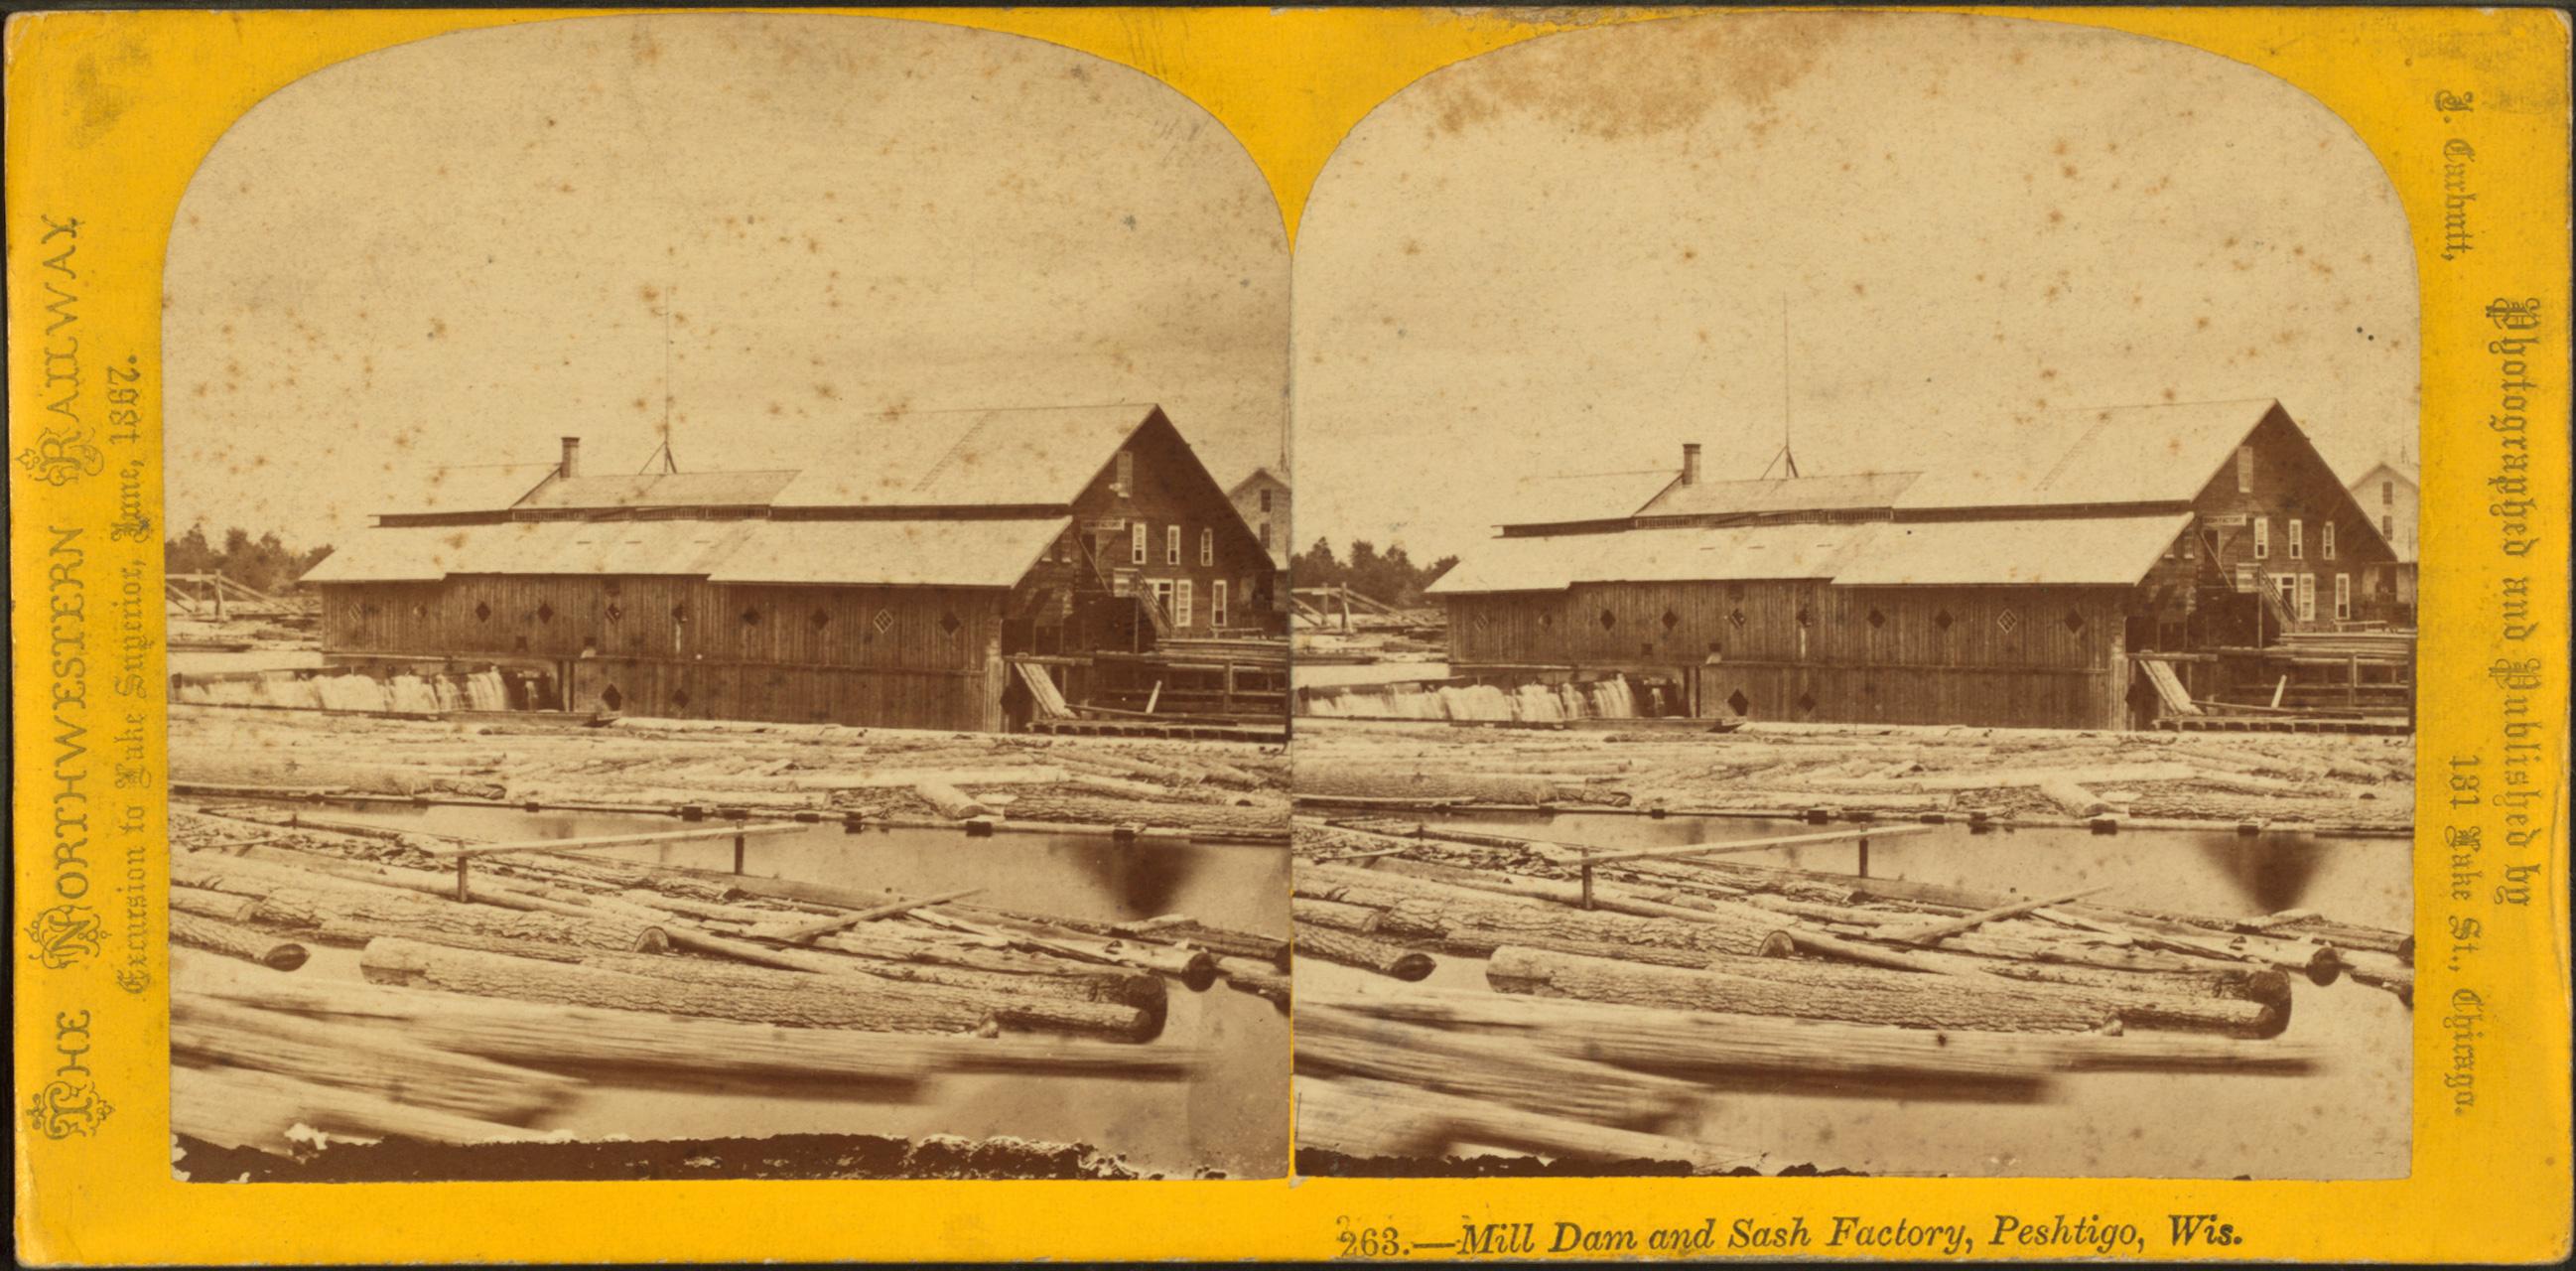 mill dam and sash factory in Peshtigo on The Northwestern Railway excursion 1867